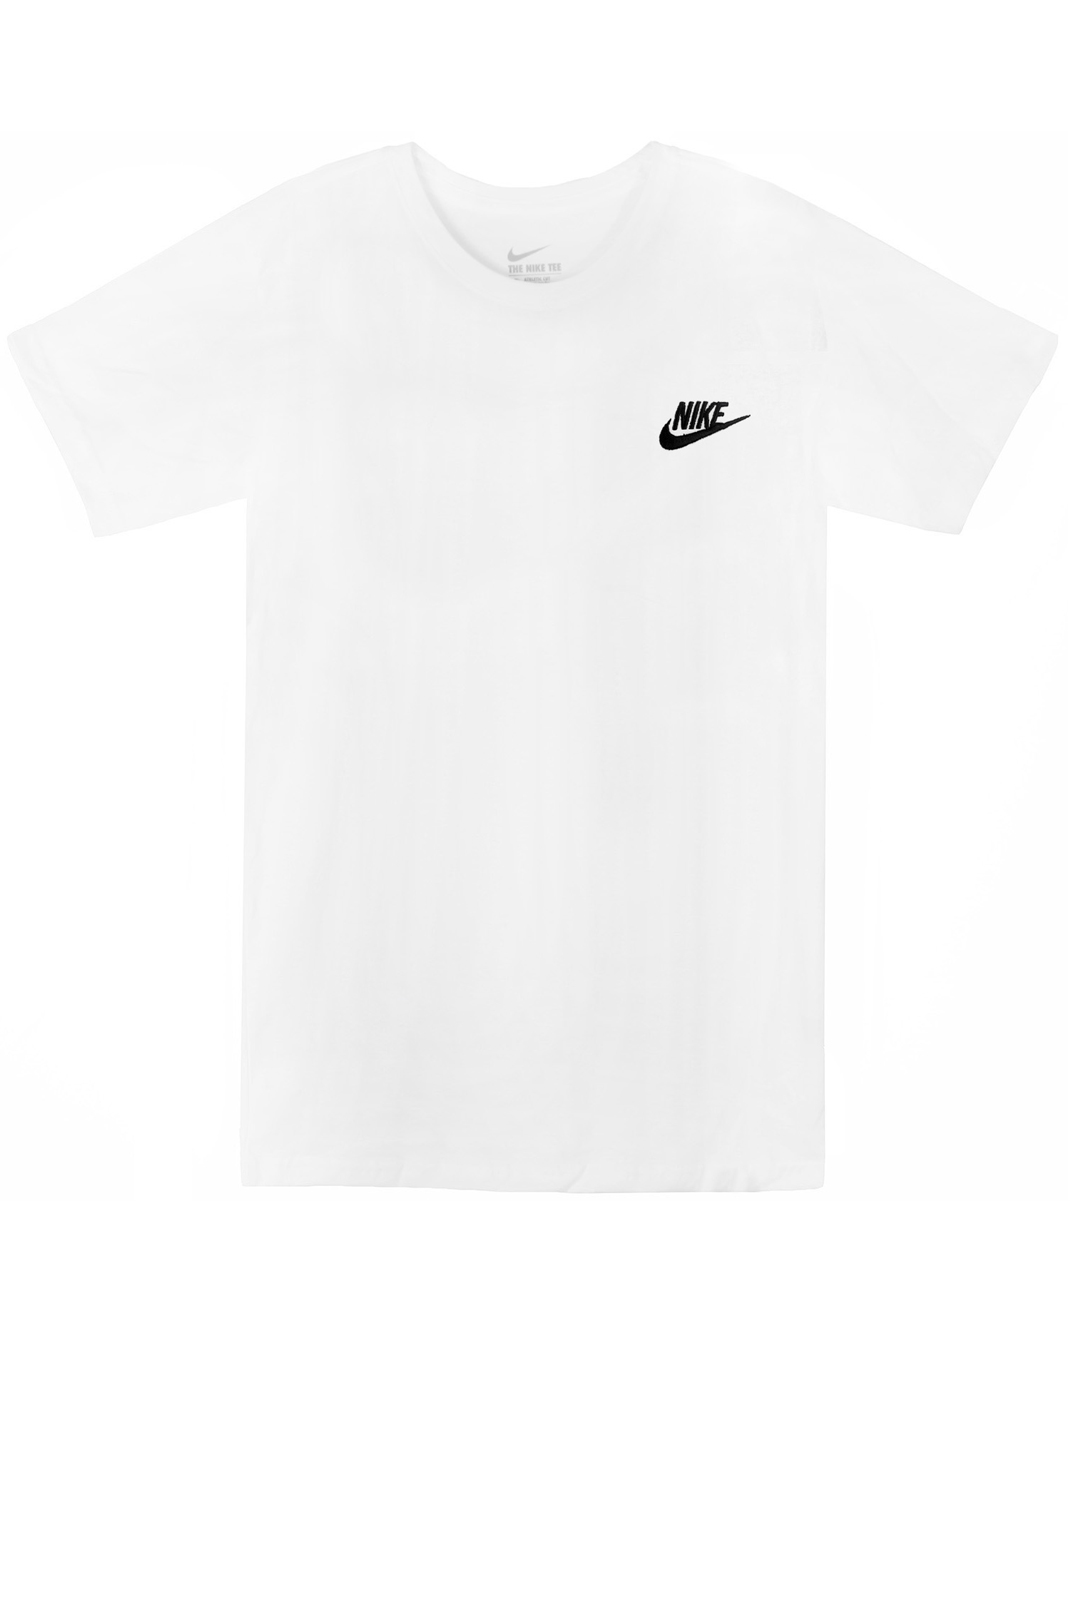 Tee-shirts  Nike 827021 TEE CLUB 0100 WHITE